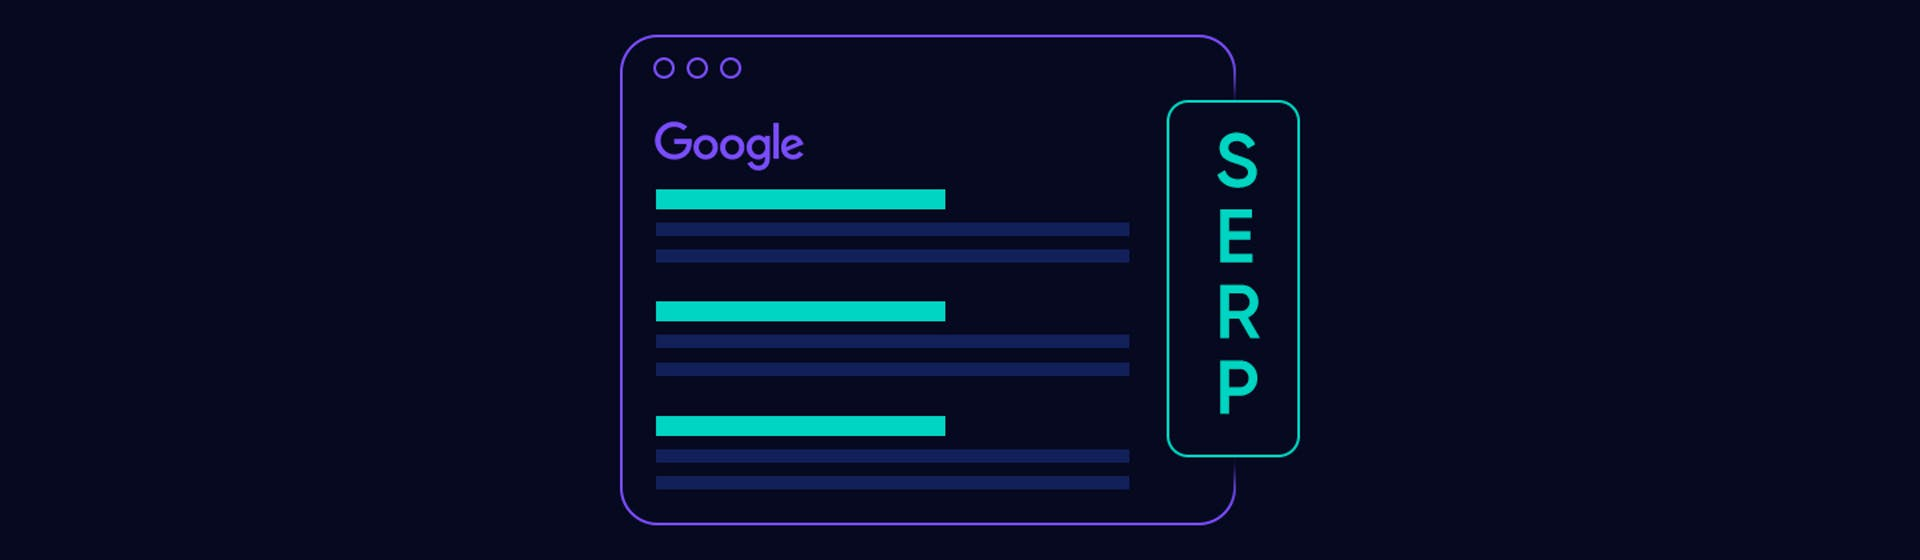 SERPs: Descubre qué son y las funciones de las páginas de resultados de Google